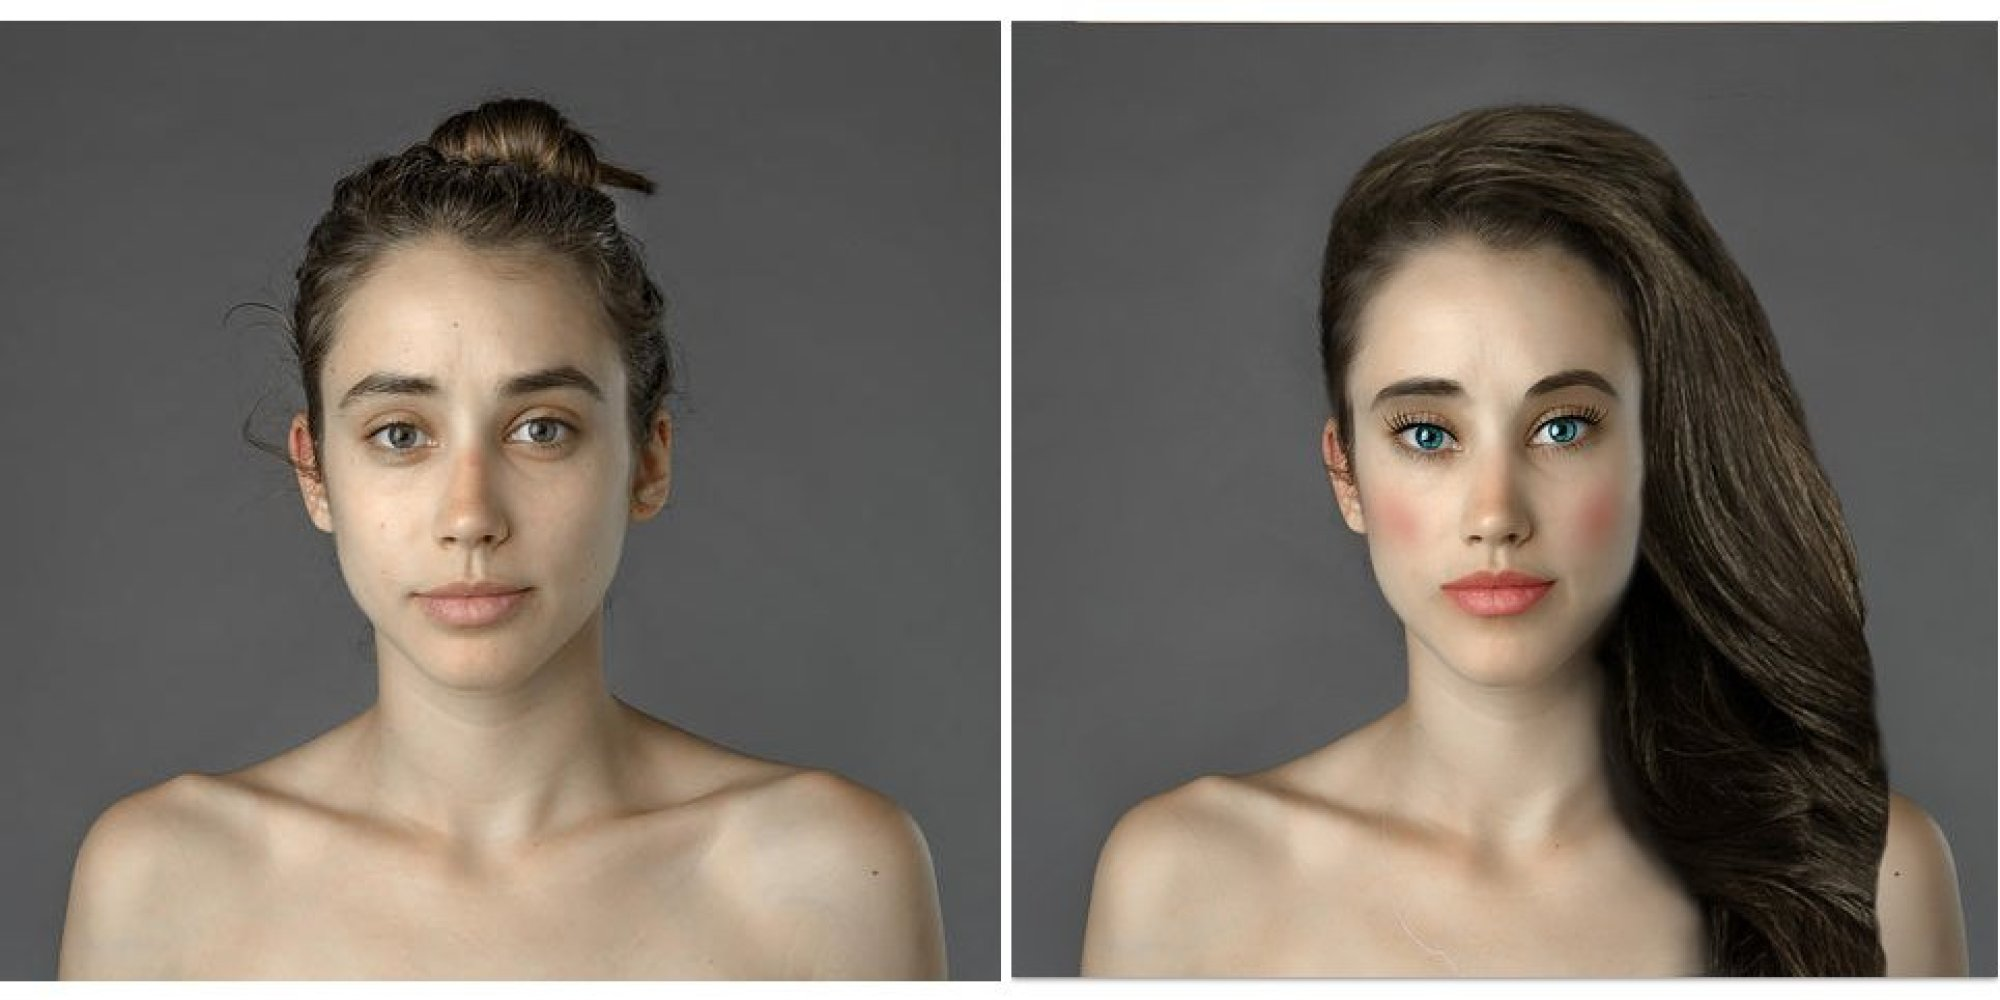 Как сделать тело идеальным в фотошопе